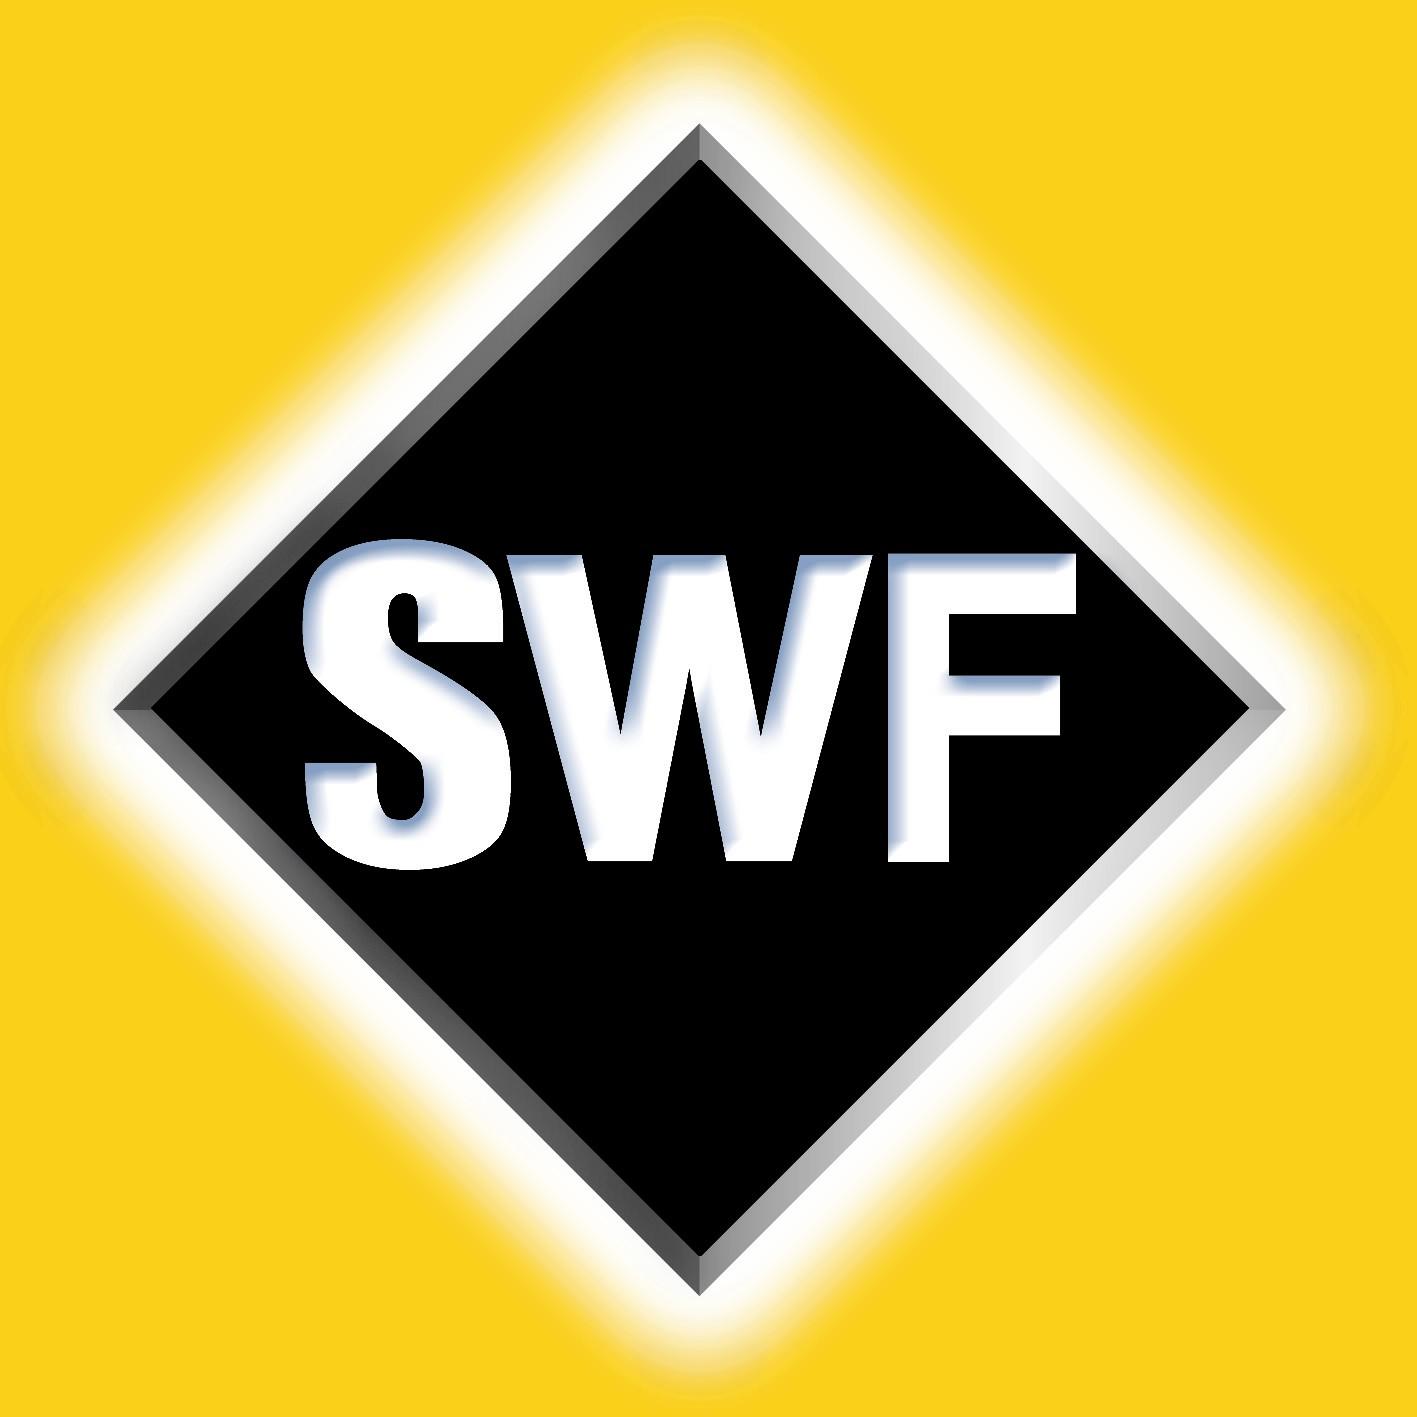 SWF Scheibenwischer online kaufen bei Autoteile Preiswert